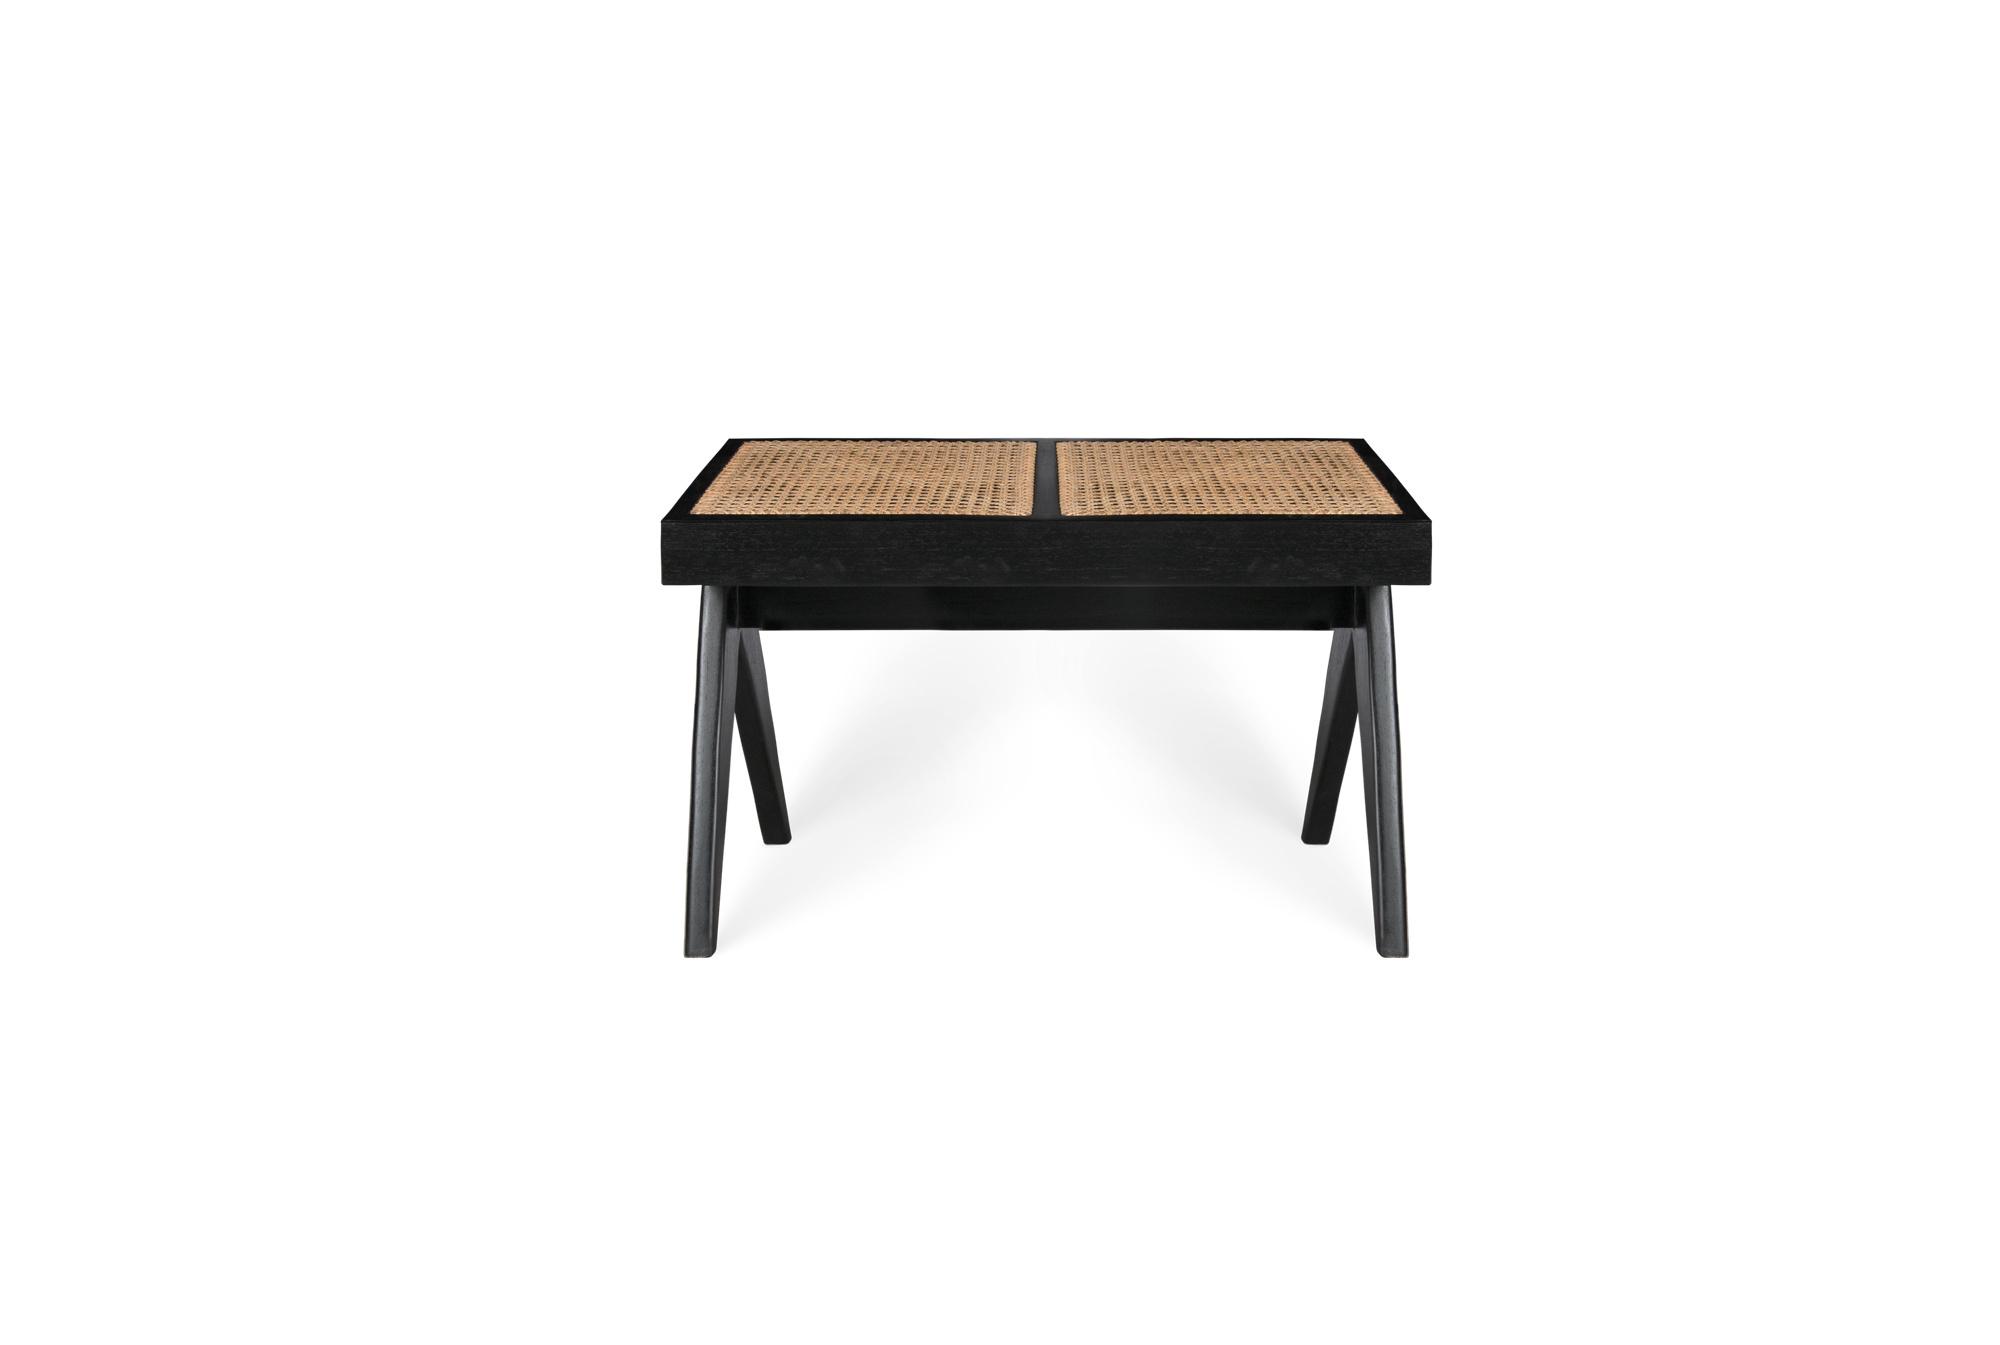 Bench / B.T.H. Flats 2 - Charcoal Black-2